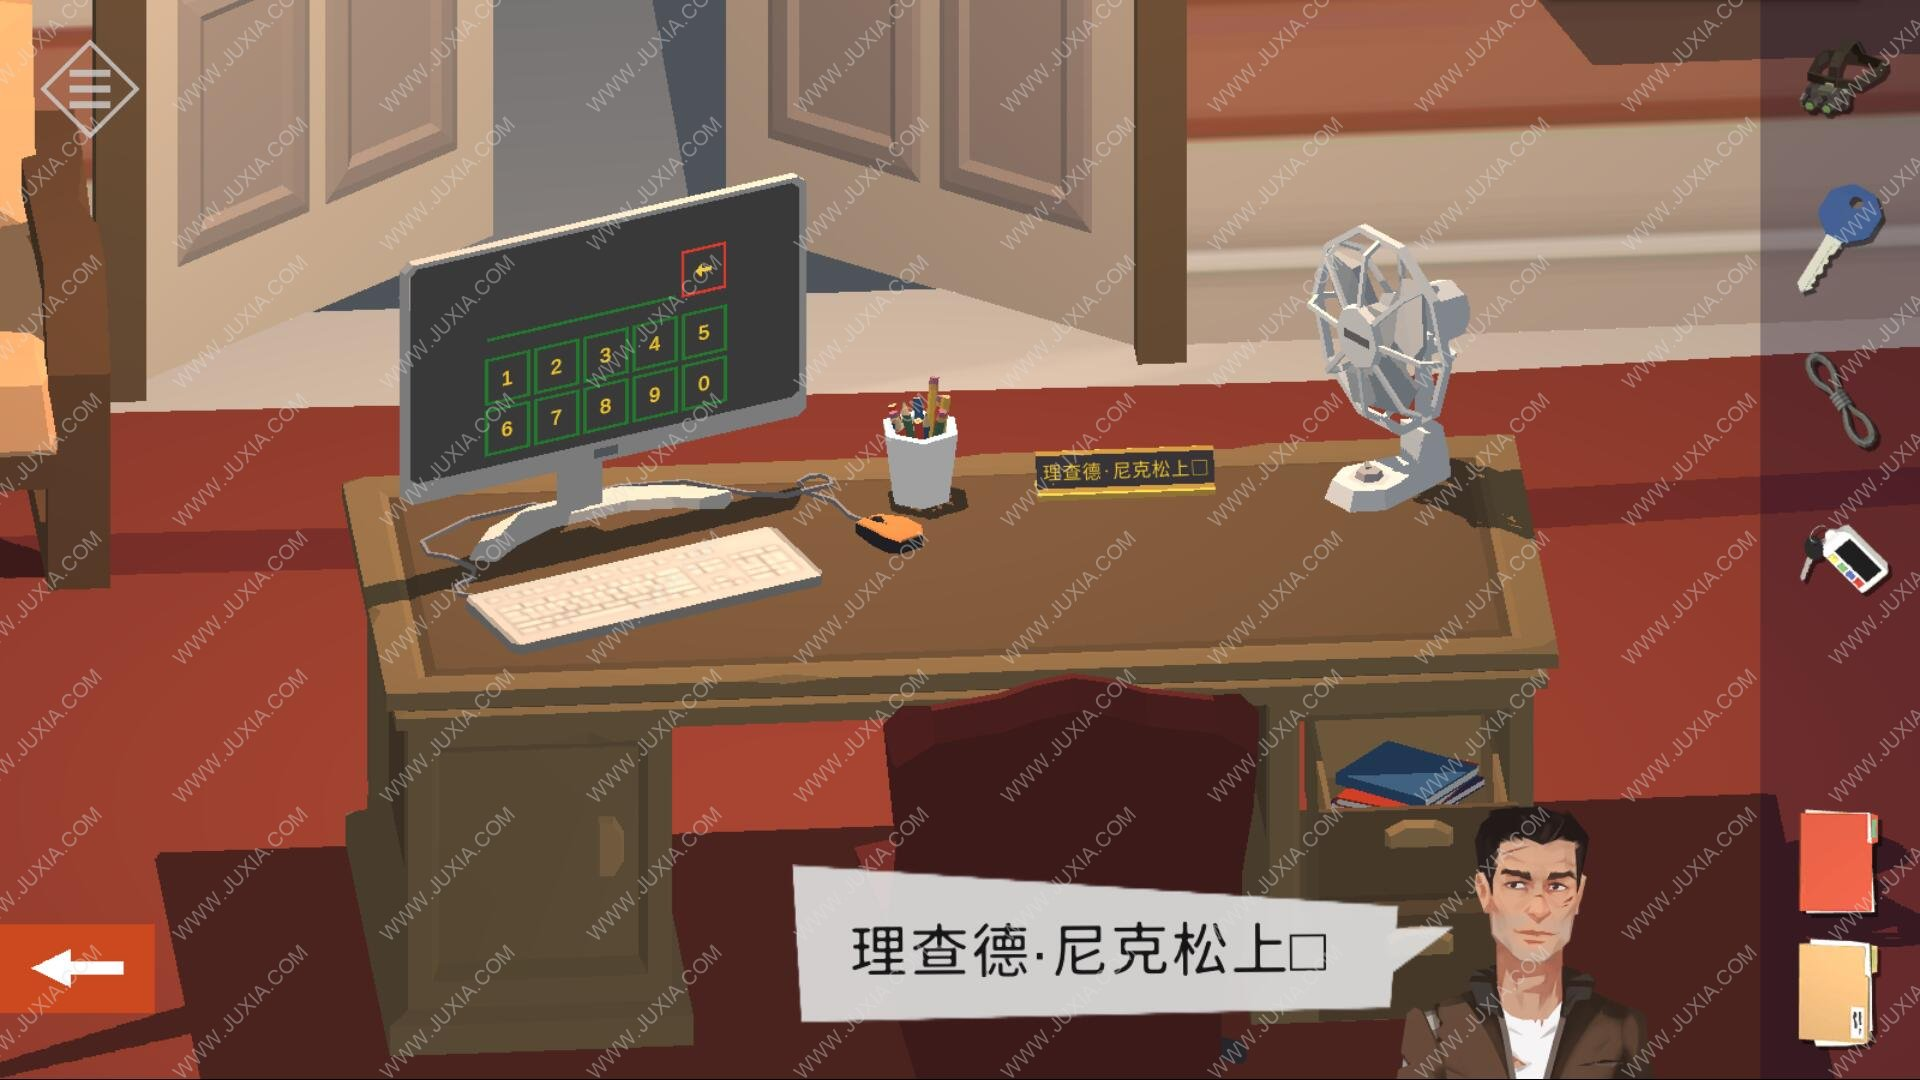 小房间故事攻略第十五章part2中 TinyRoom图文攻略第三季第十五章